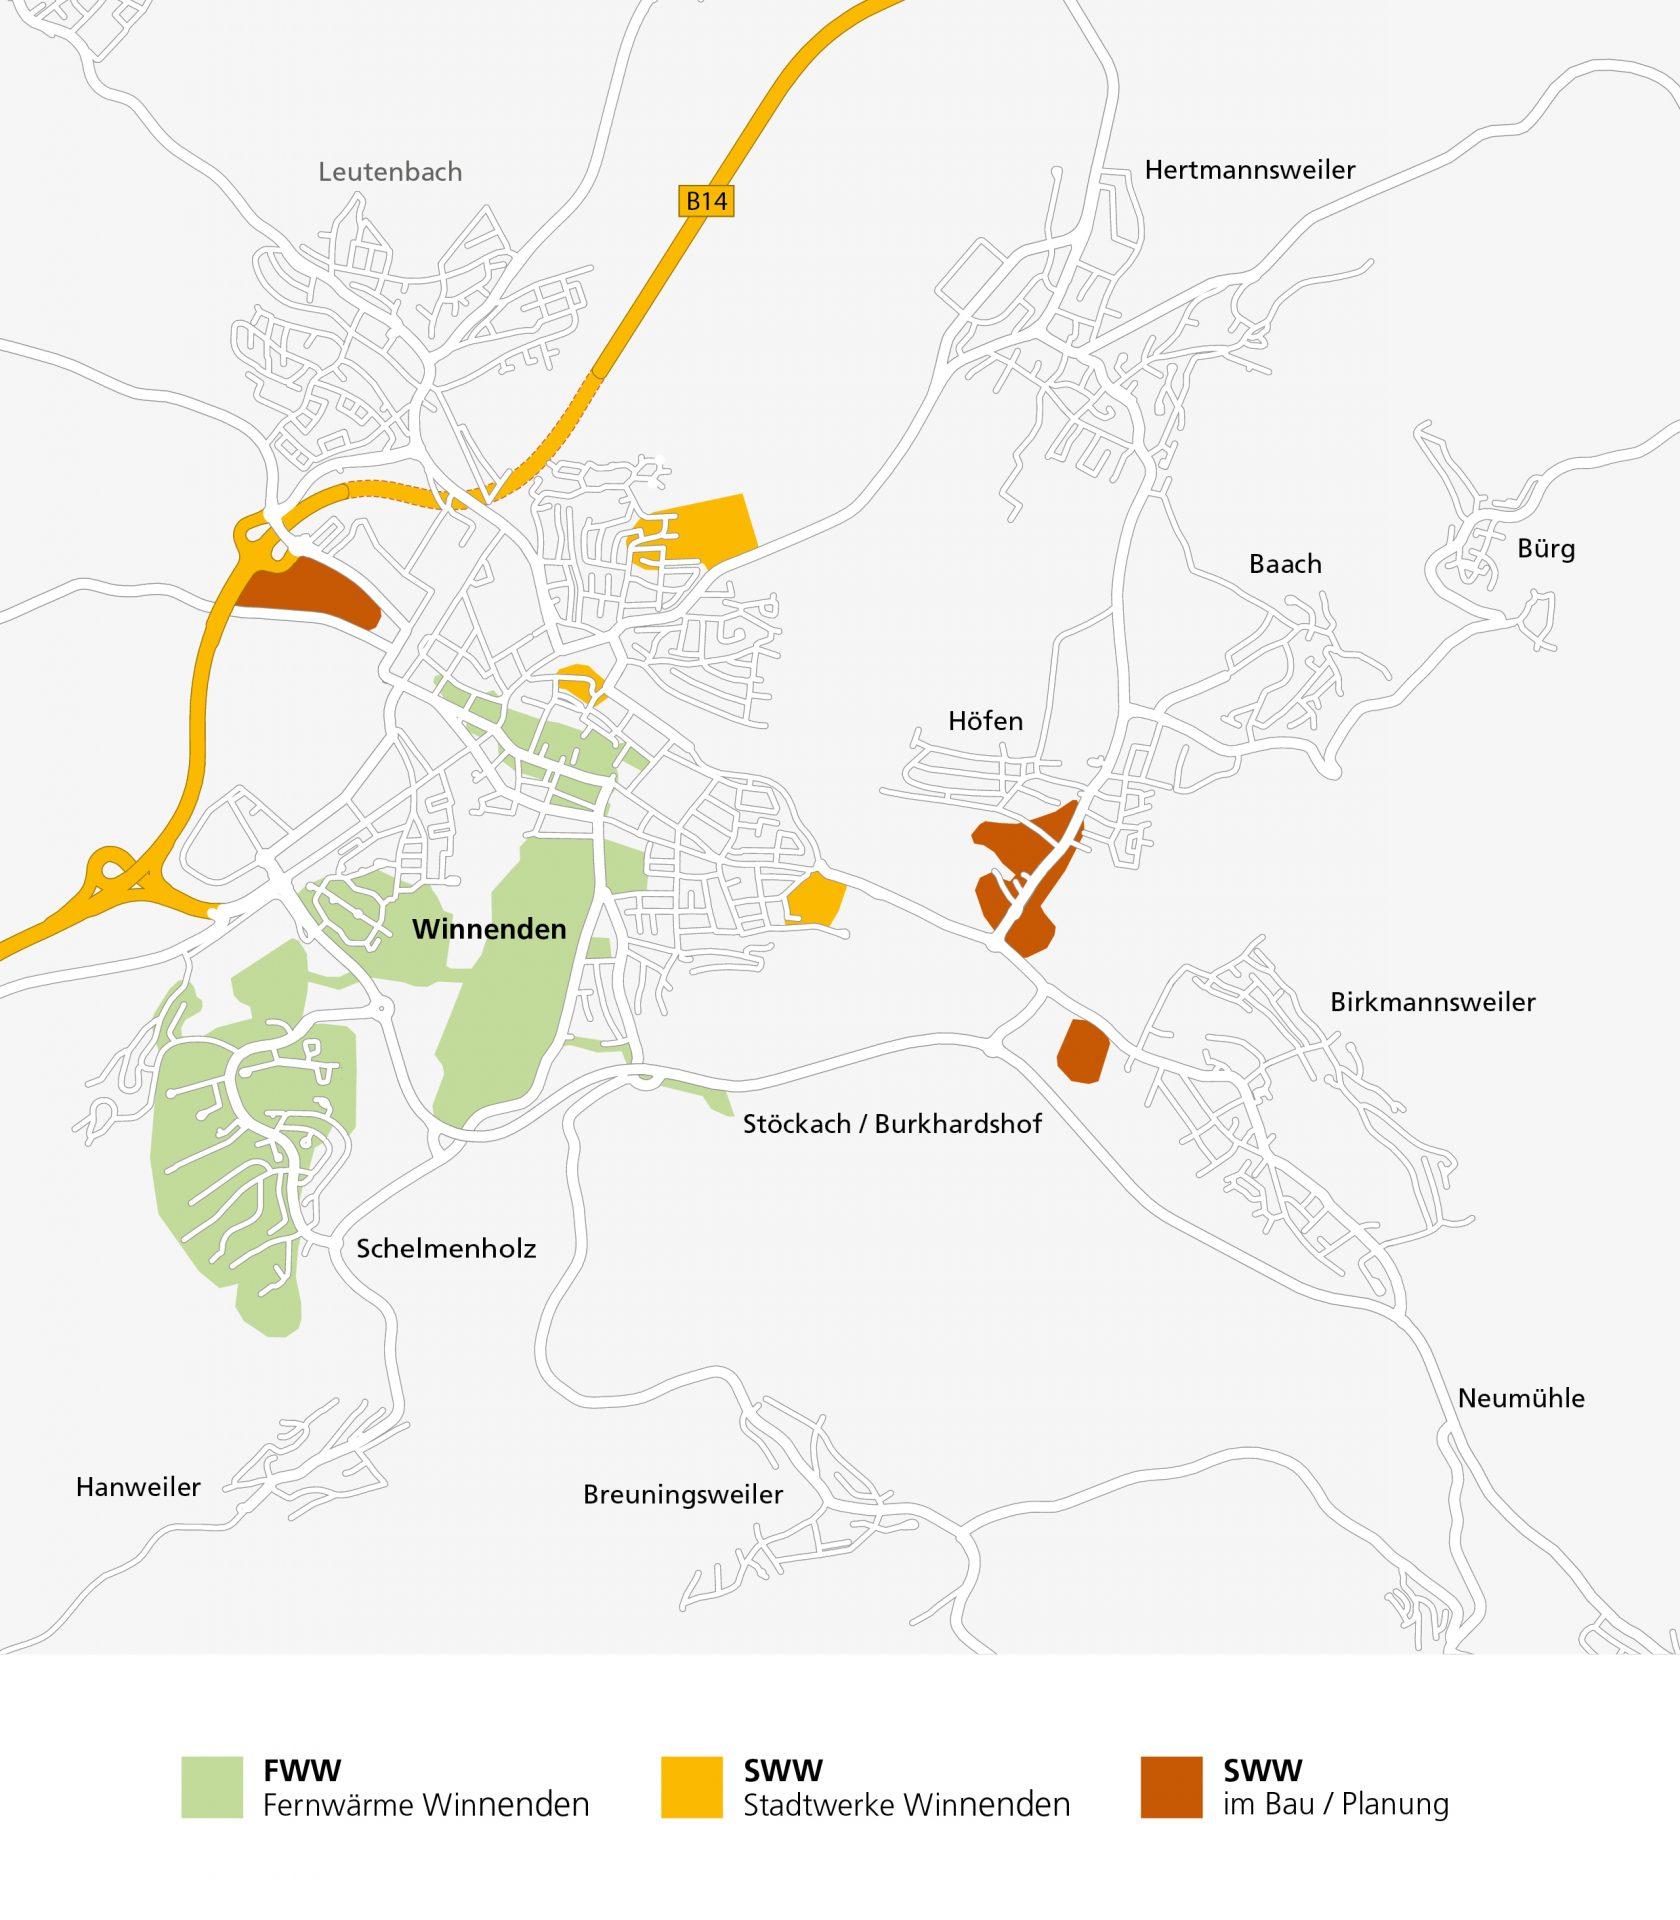 Stadtwerke Winnenden: Fernwärme Winnenden